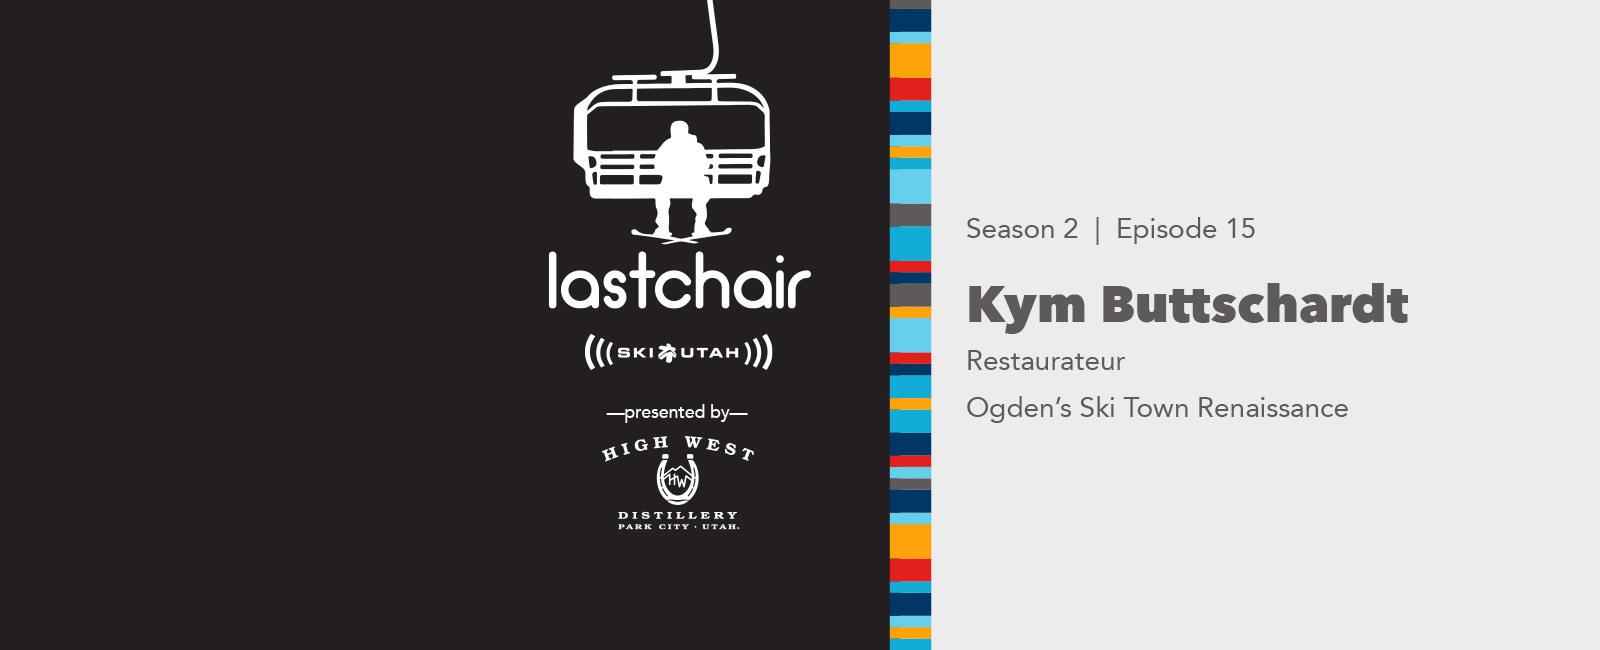 Kym Buttschardt: Ogden's Ski Town Renaissance